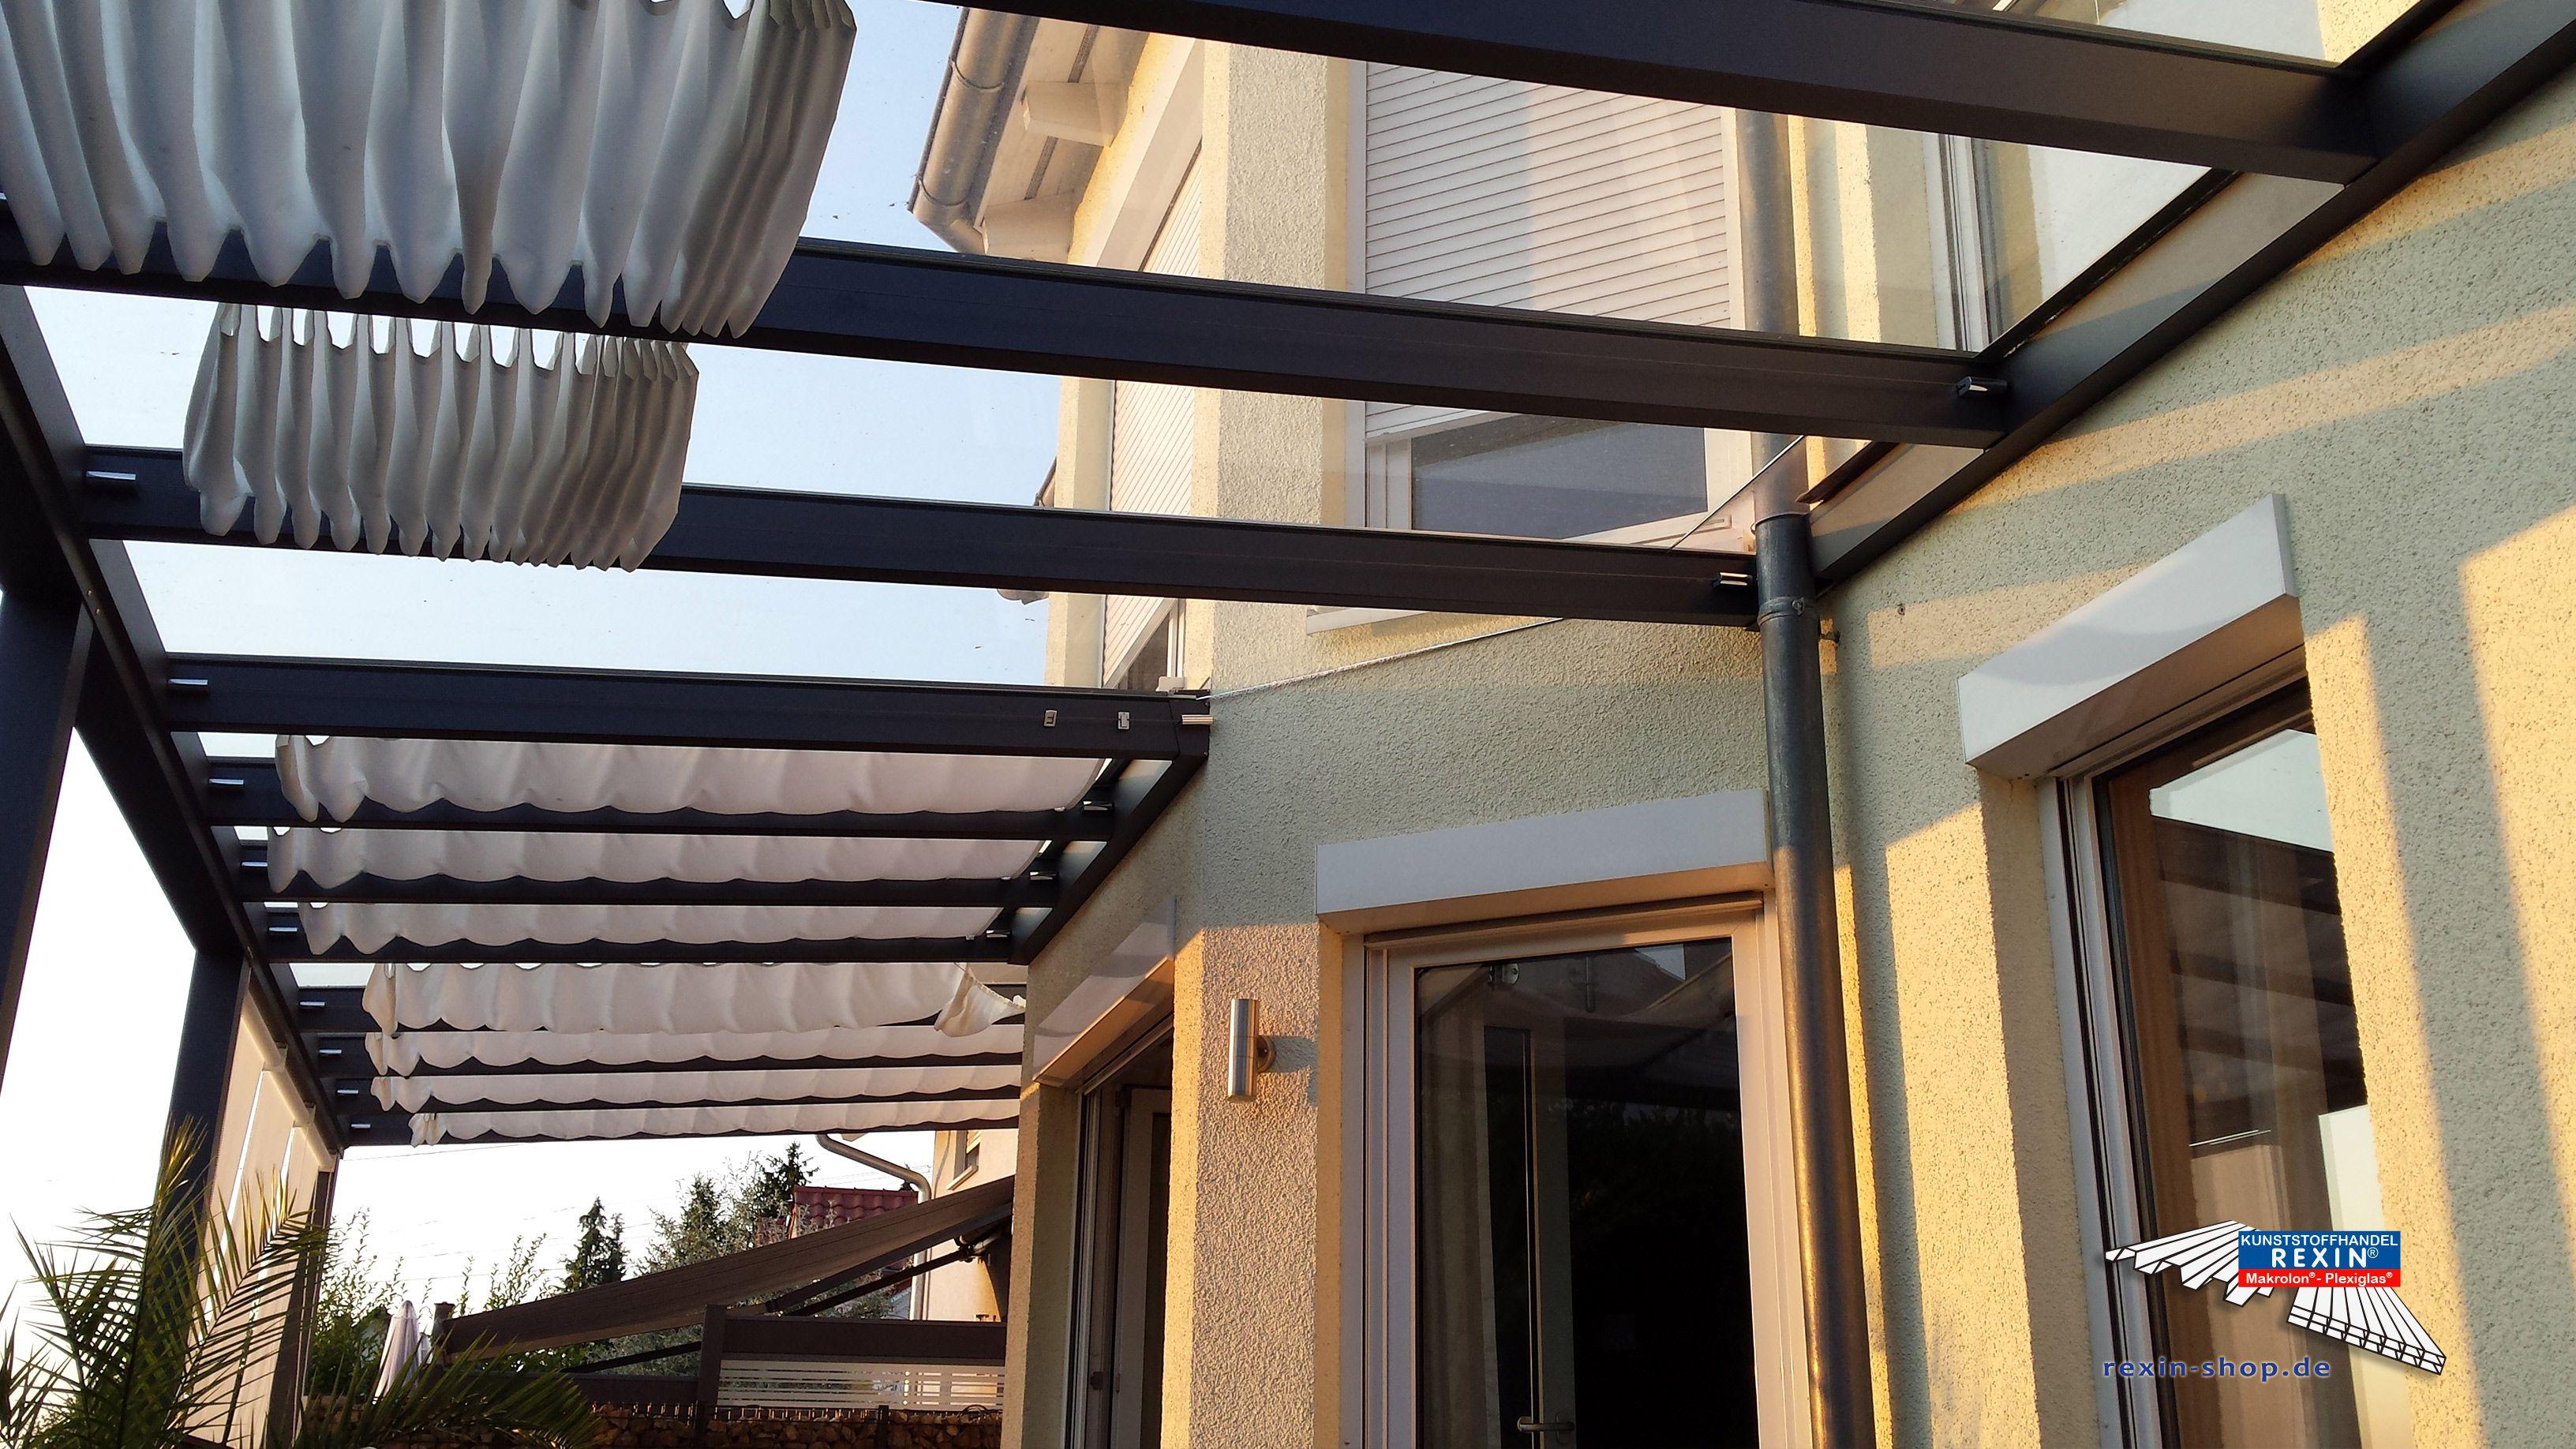 Alu Terrassendach Der Marke Rexopremium 10m X 4m In